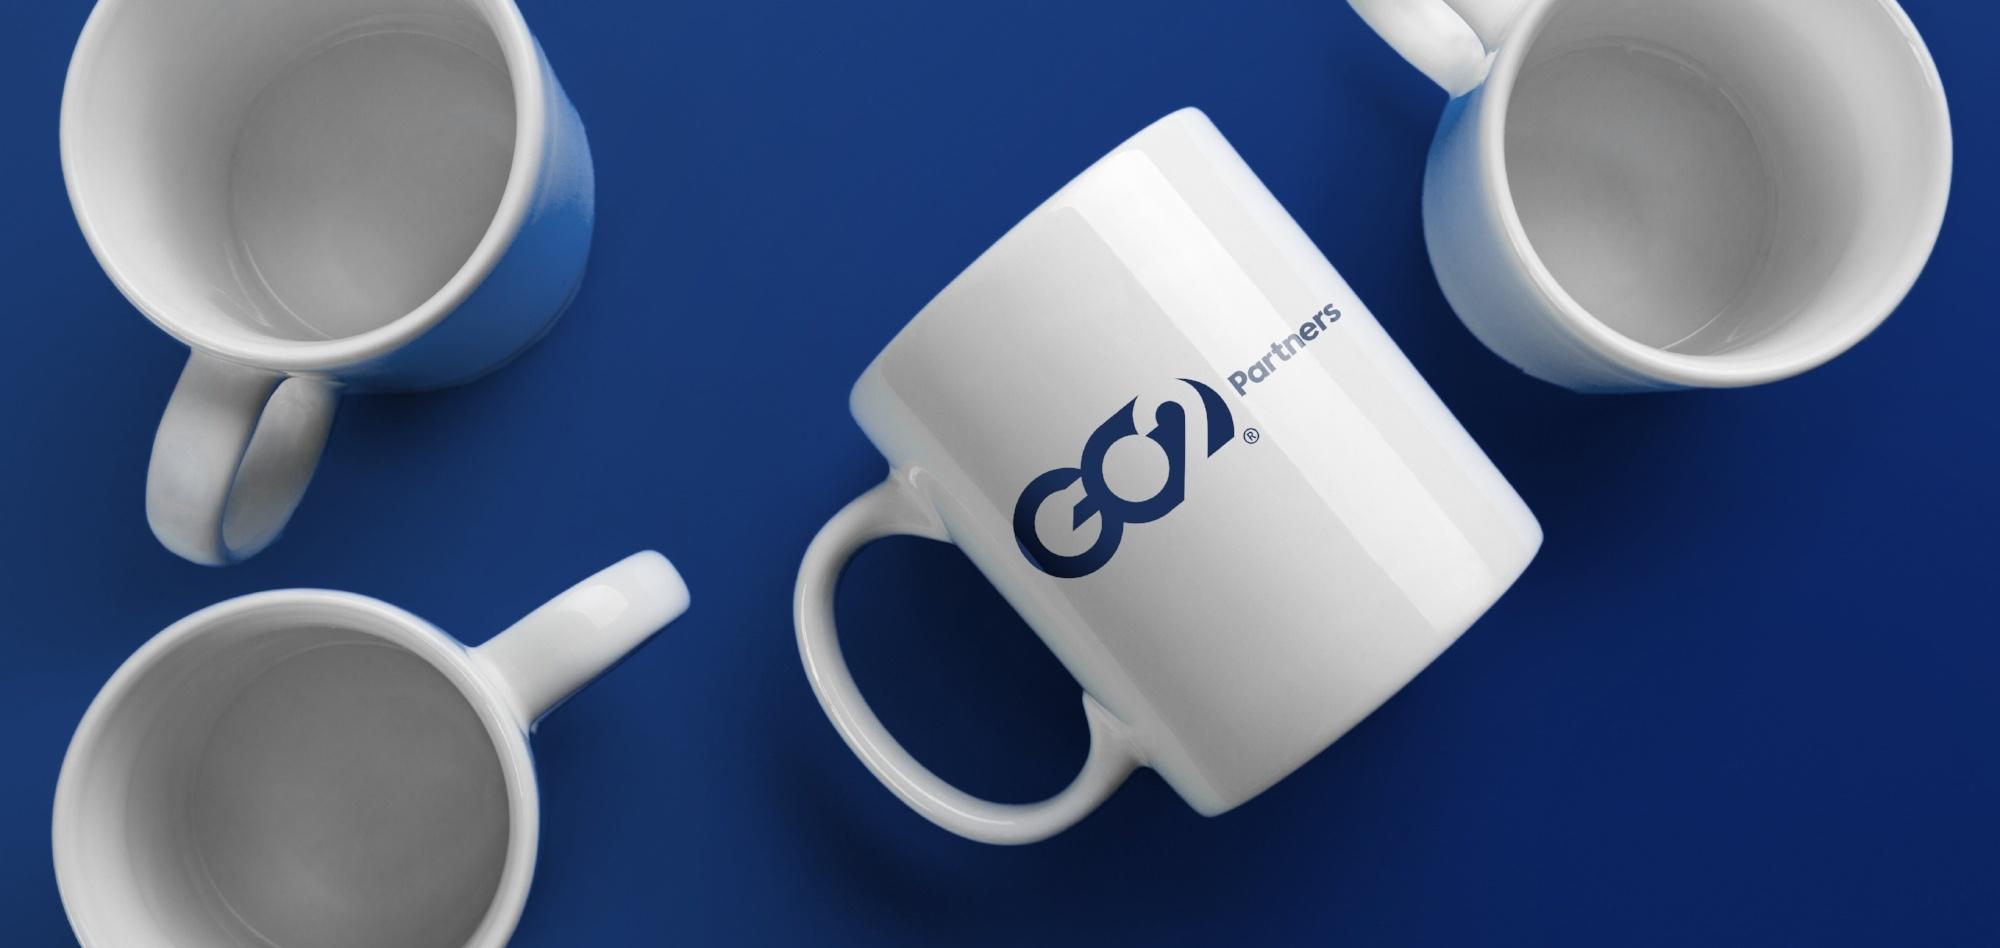 brand-promo-GO2 Mug-193205-edited